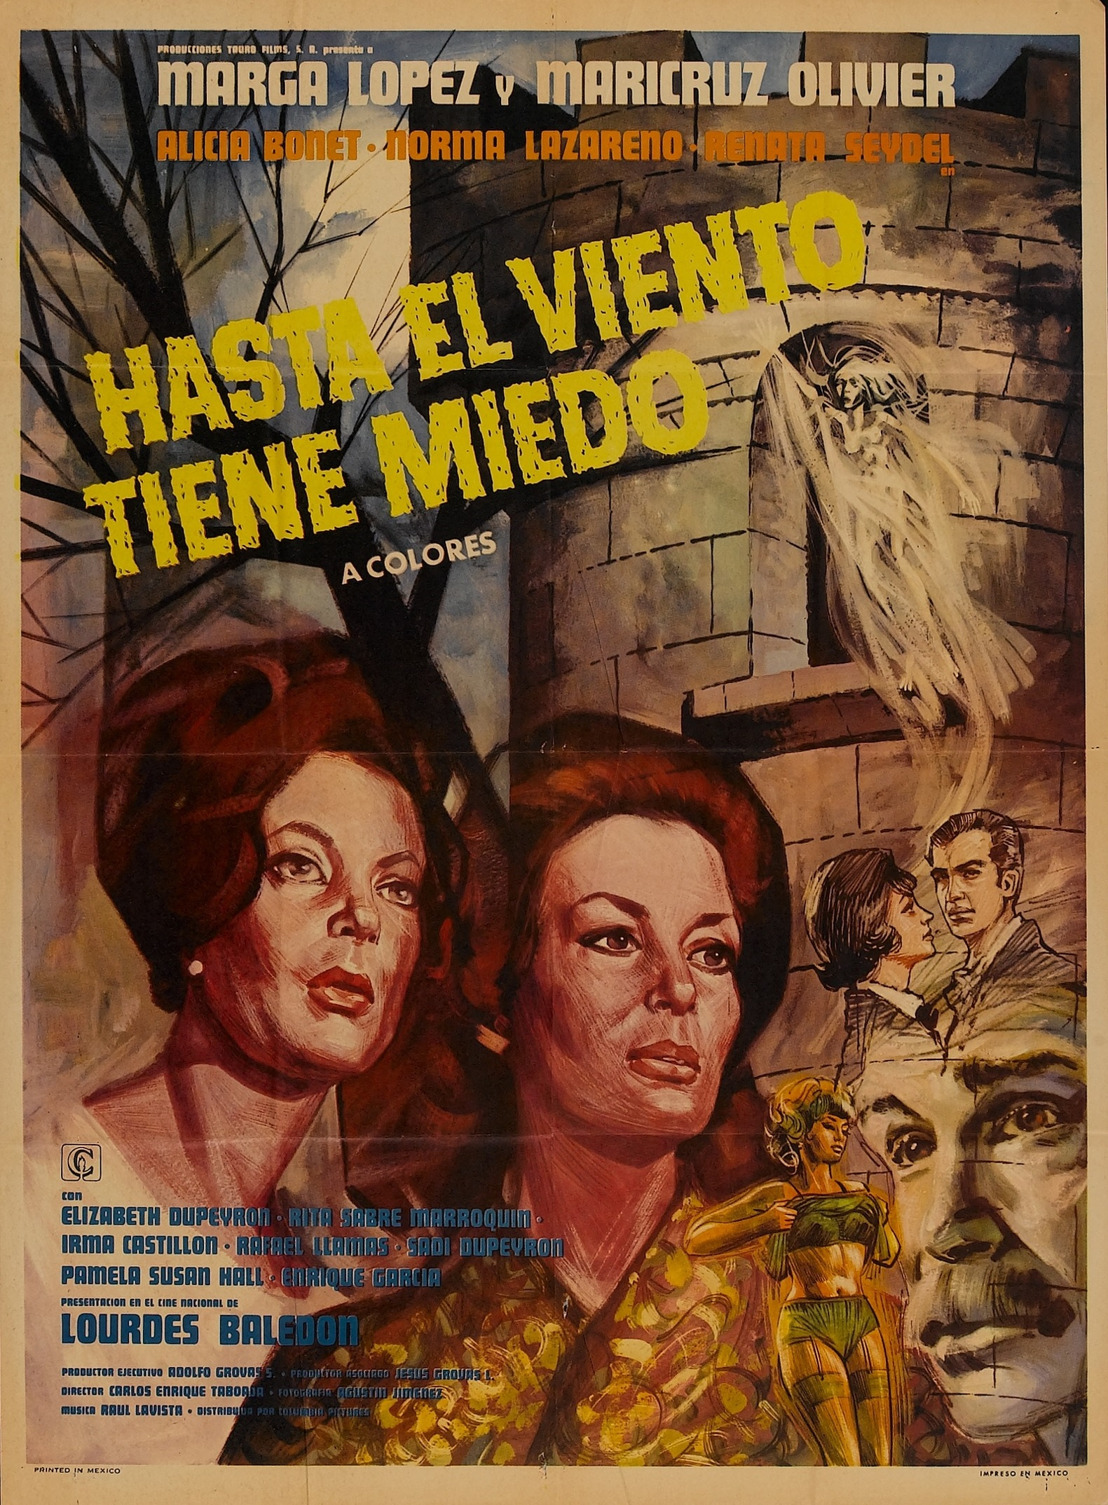 Hasta el viento tiene miedo: una clásica película de terror mexicana